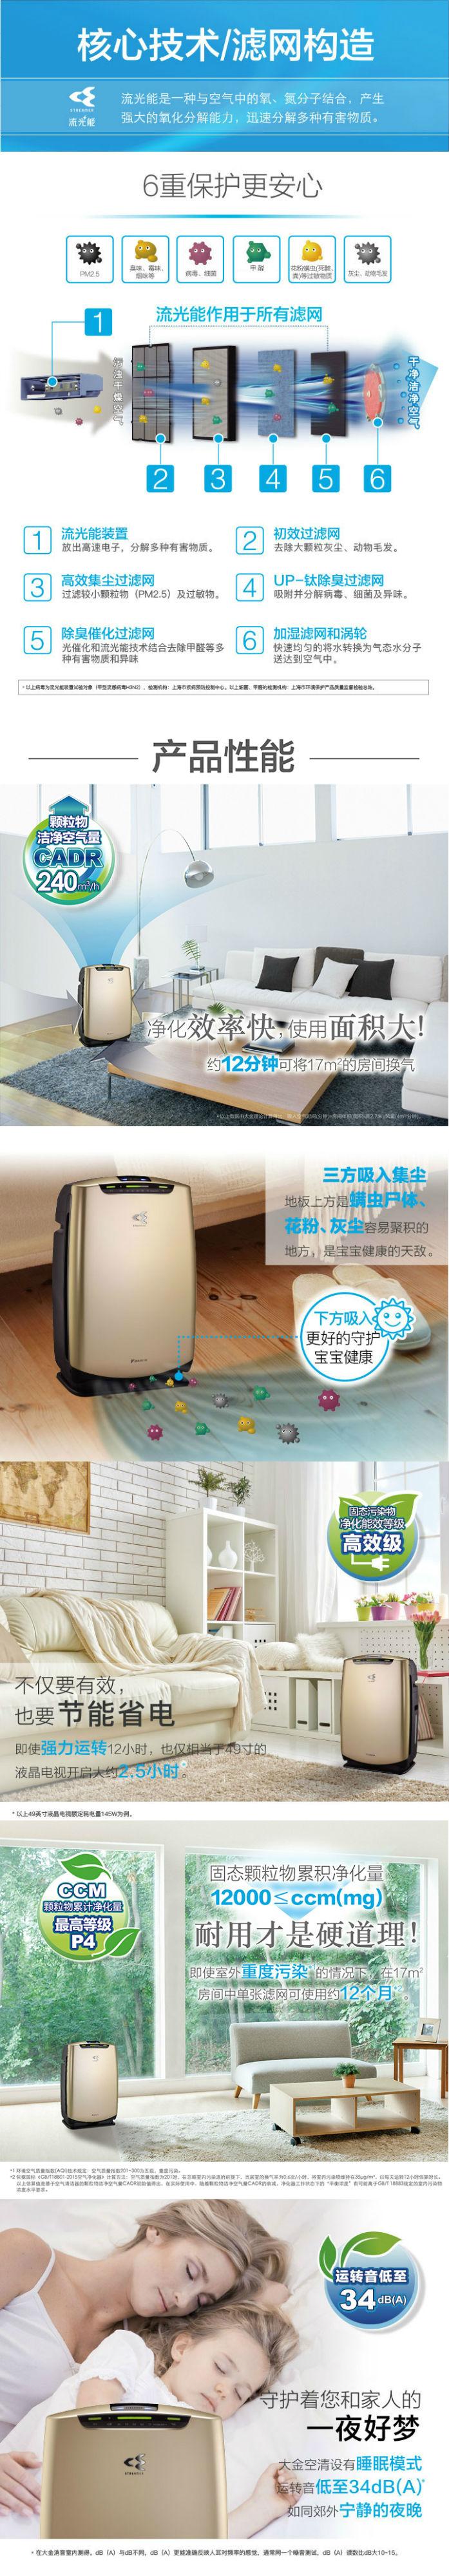 空气清洁器